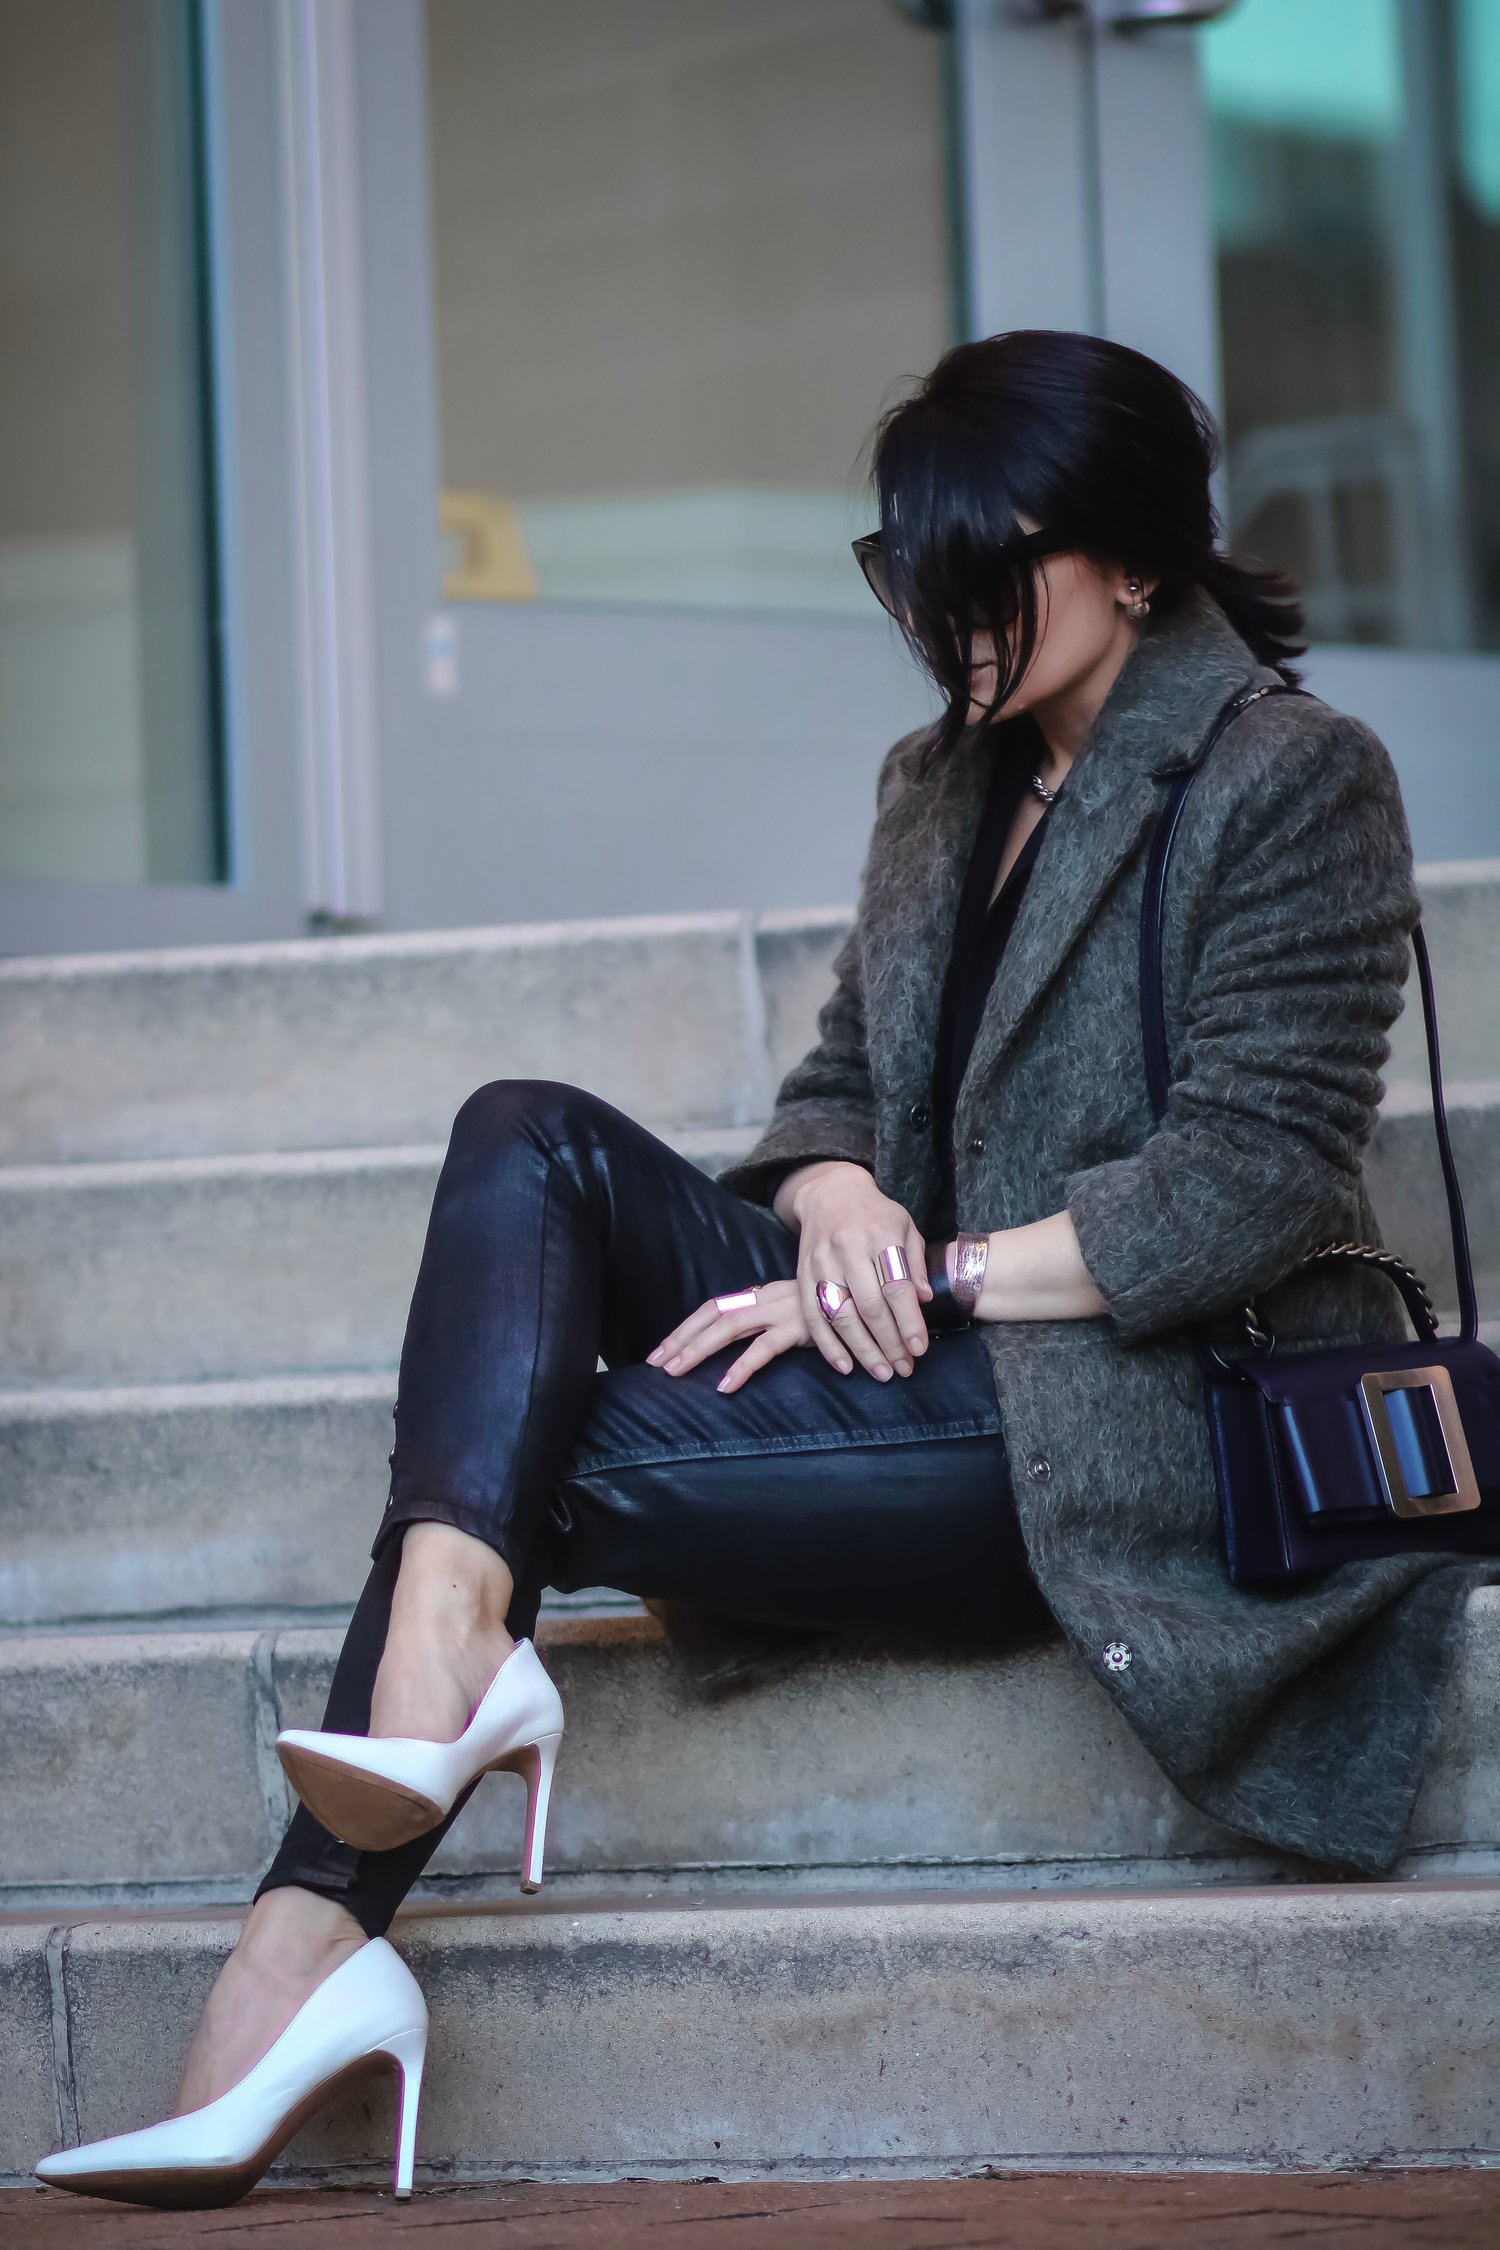 Isabel-Alexander-Wearing-Asos-khaki-textured-coat-sitting-down